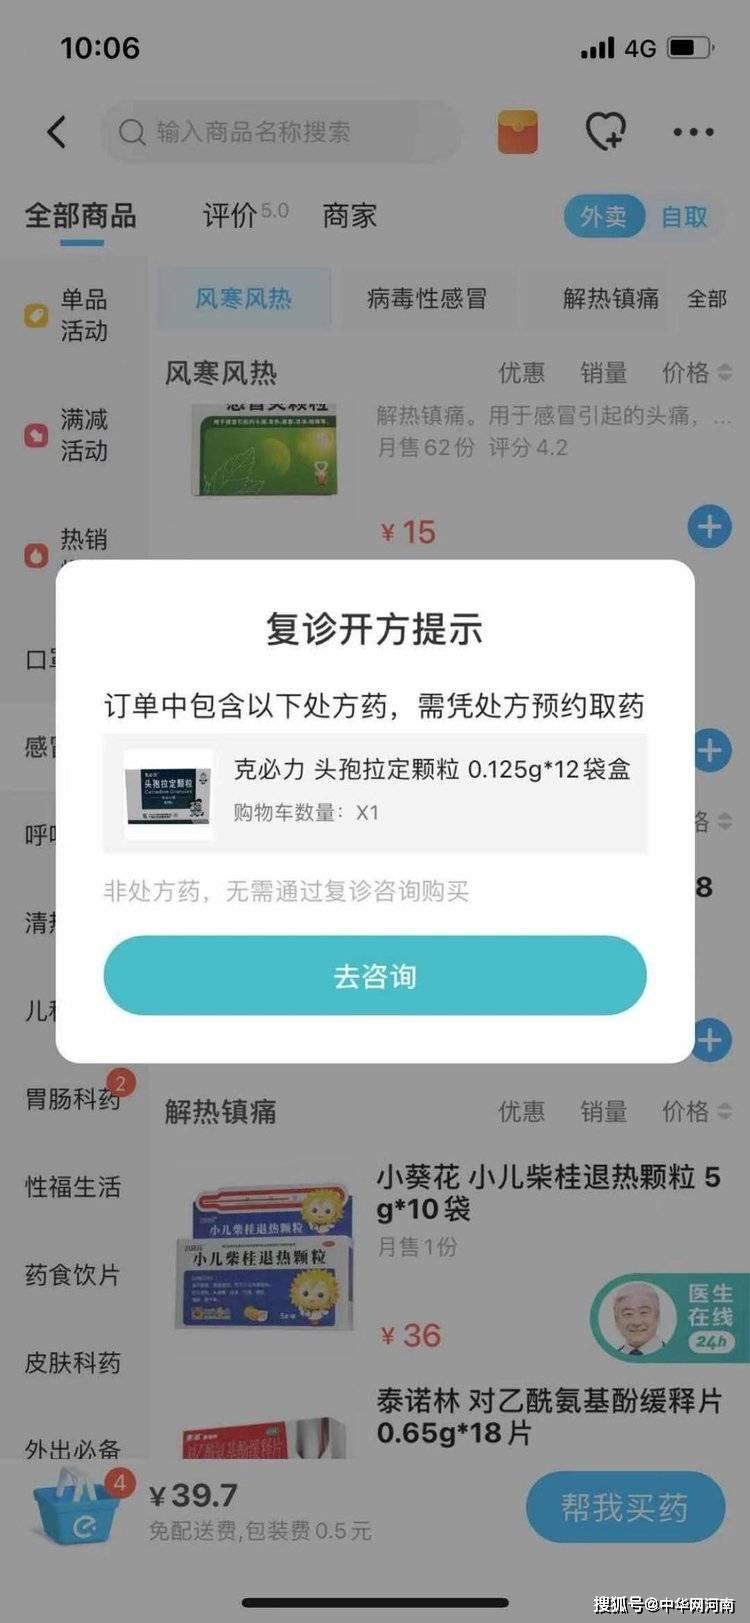 在郑州购买治疗发热感冒药品开始实名登记